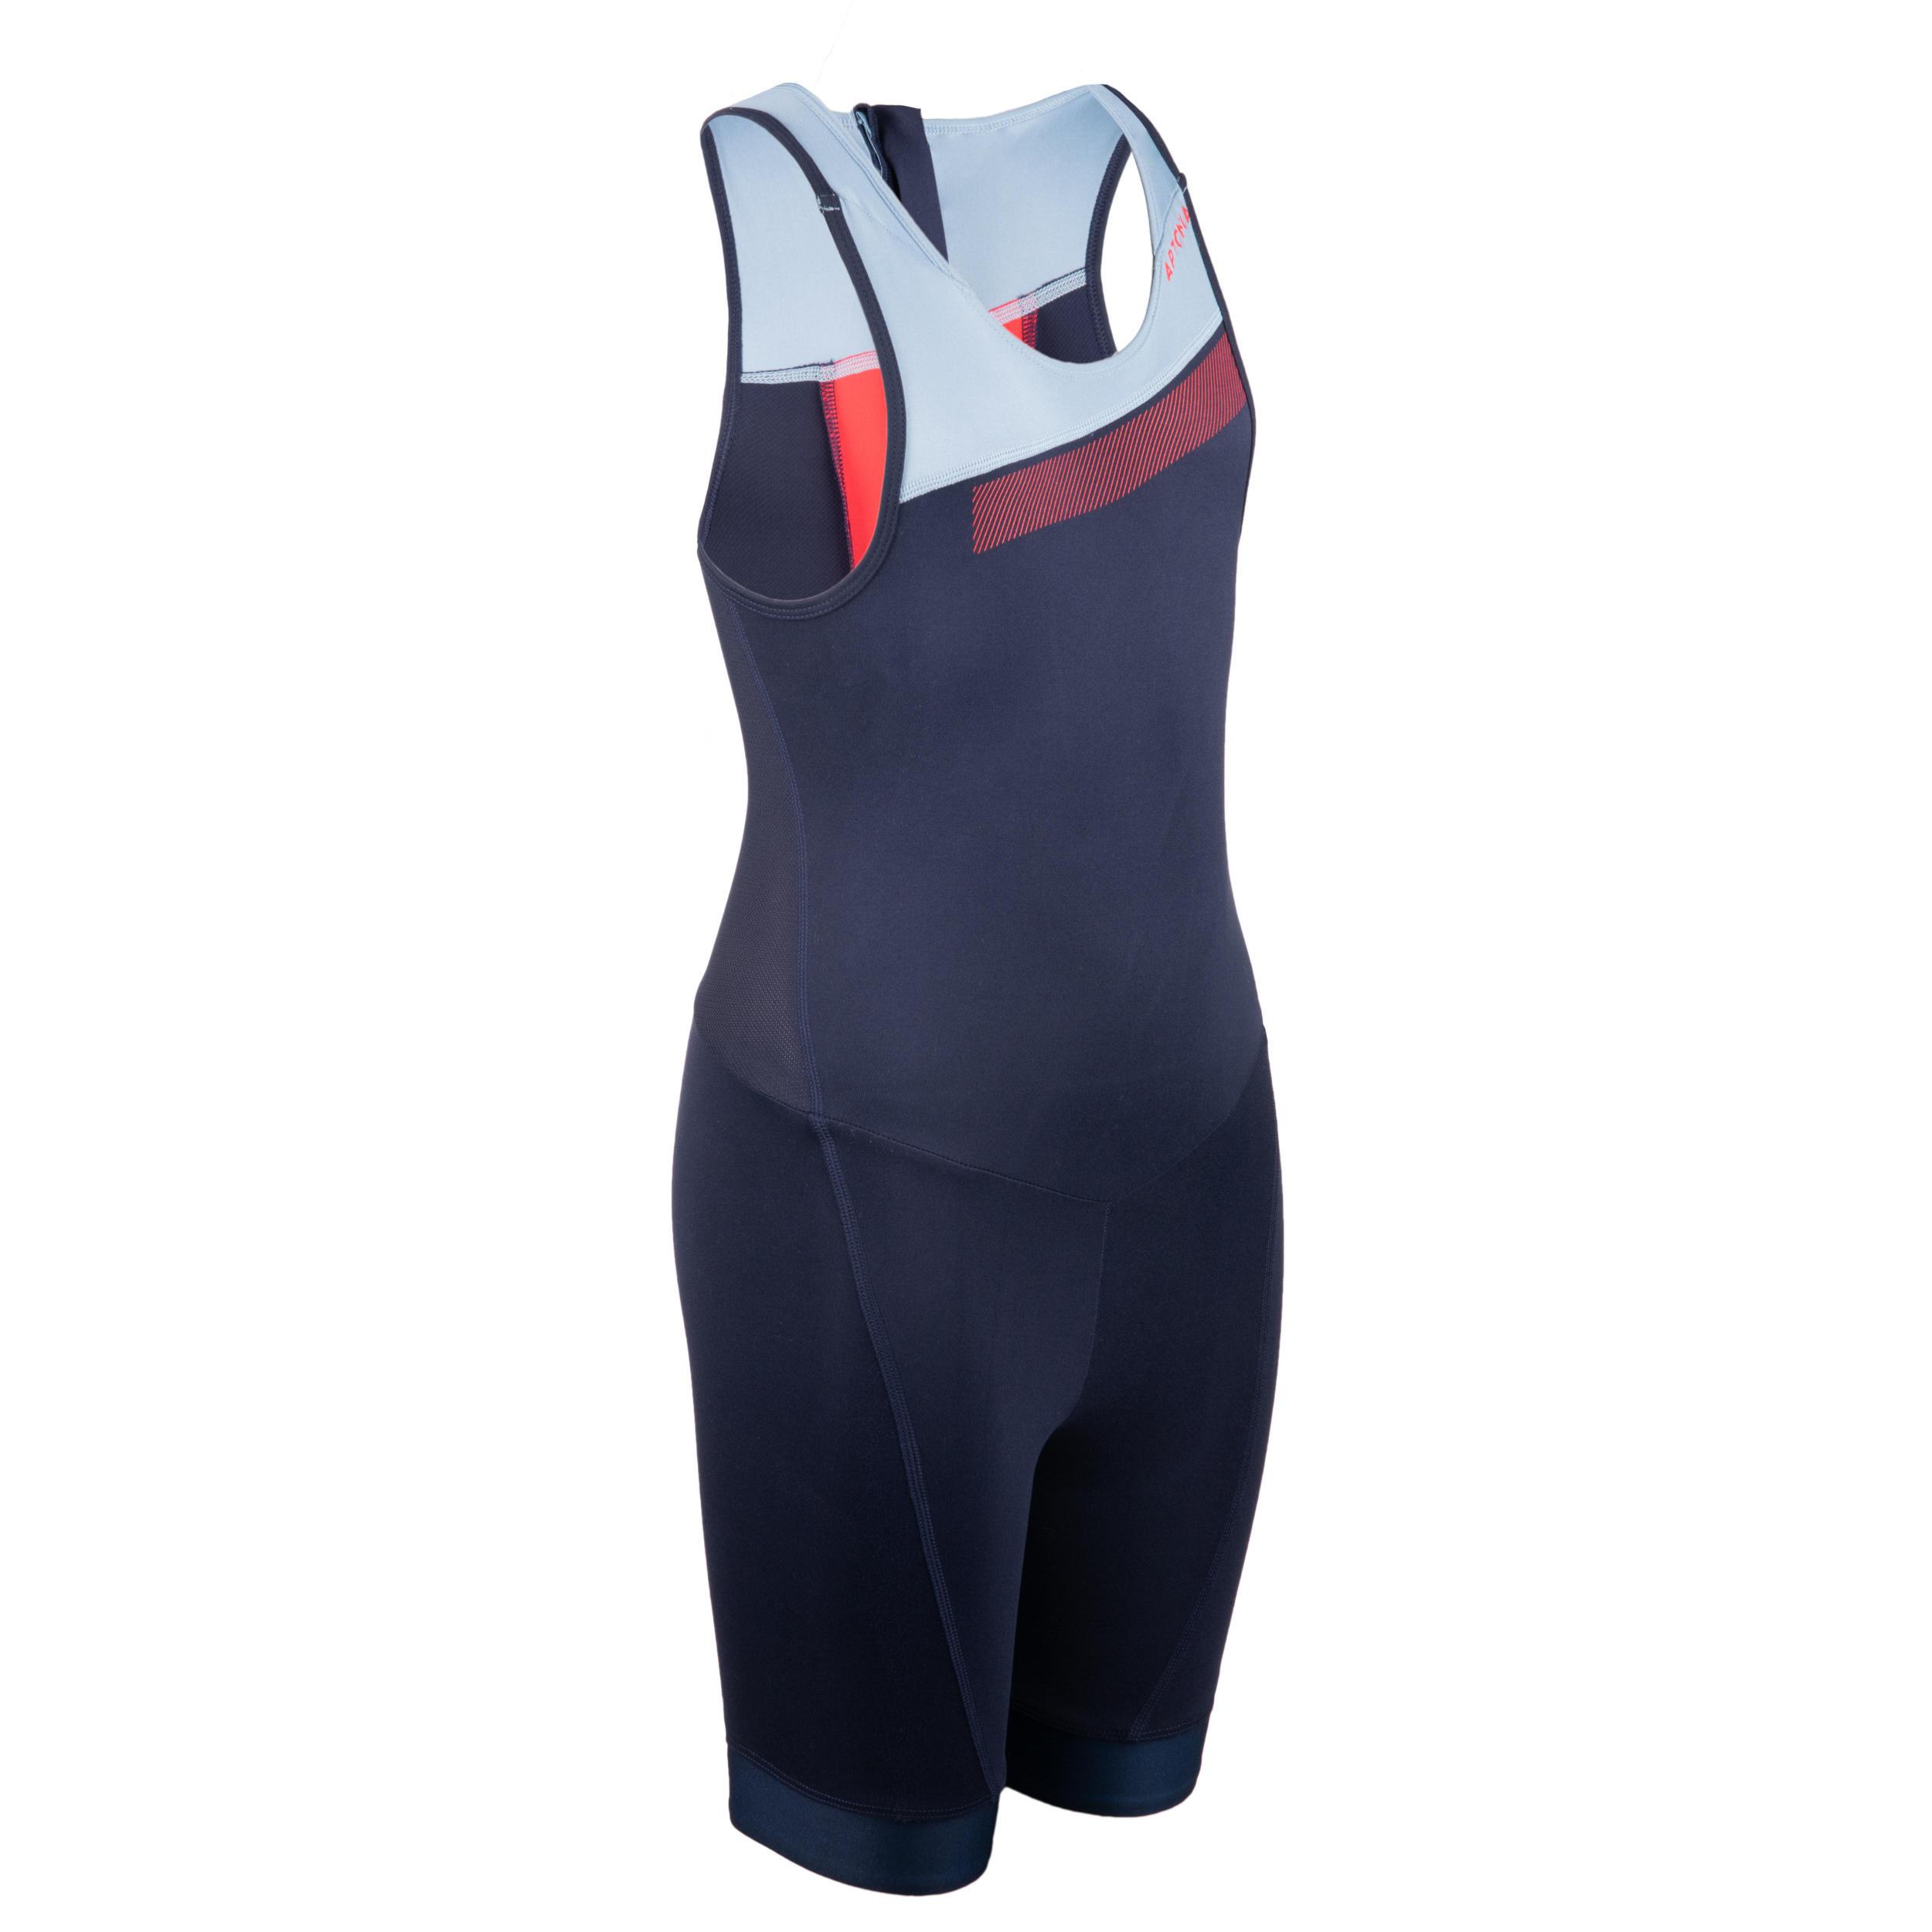 APTONIA Trisuit voor kinderen jongens meisjes marineblauw/lichtblauw